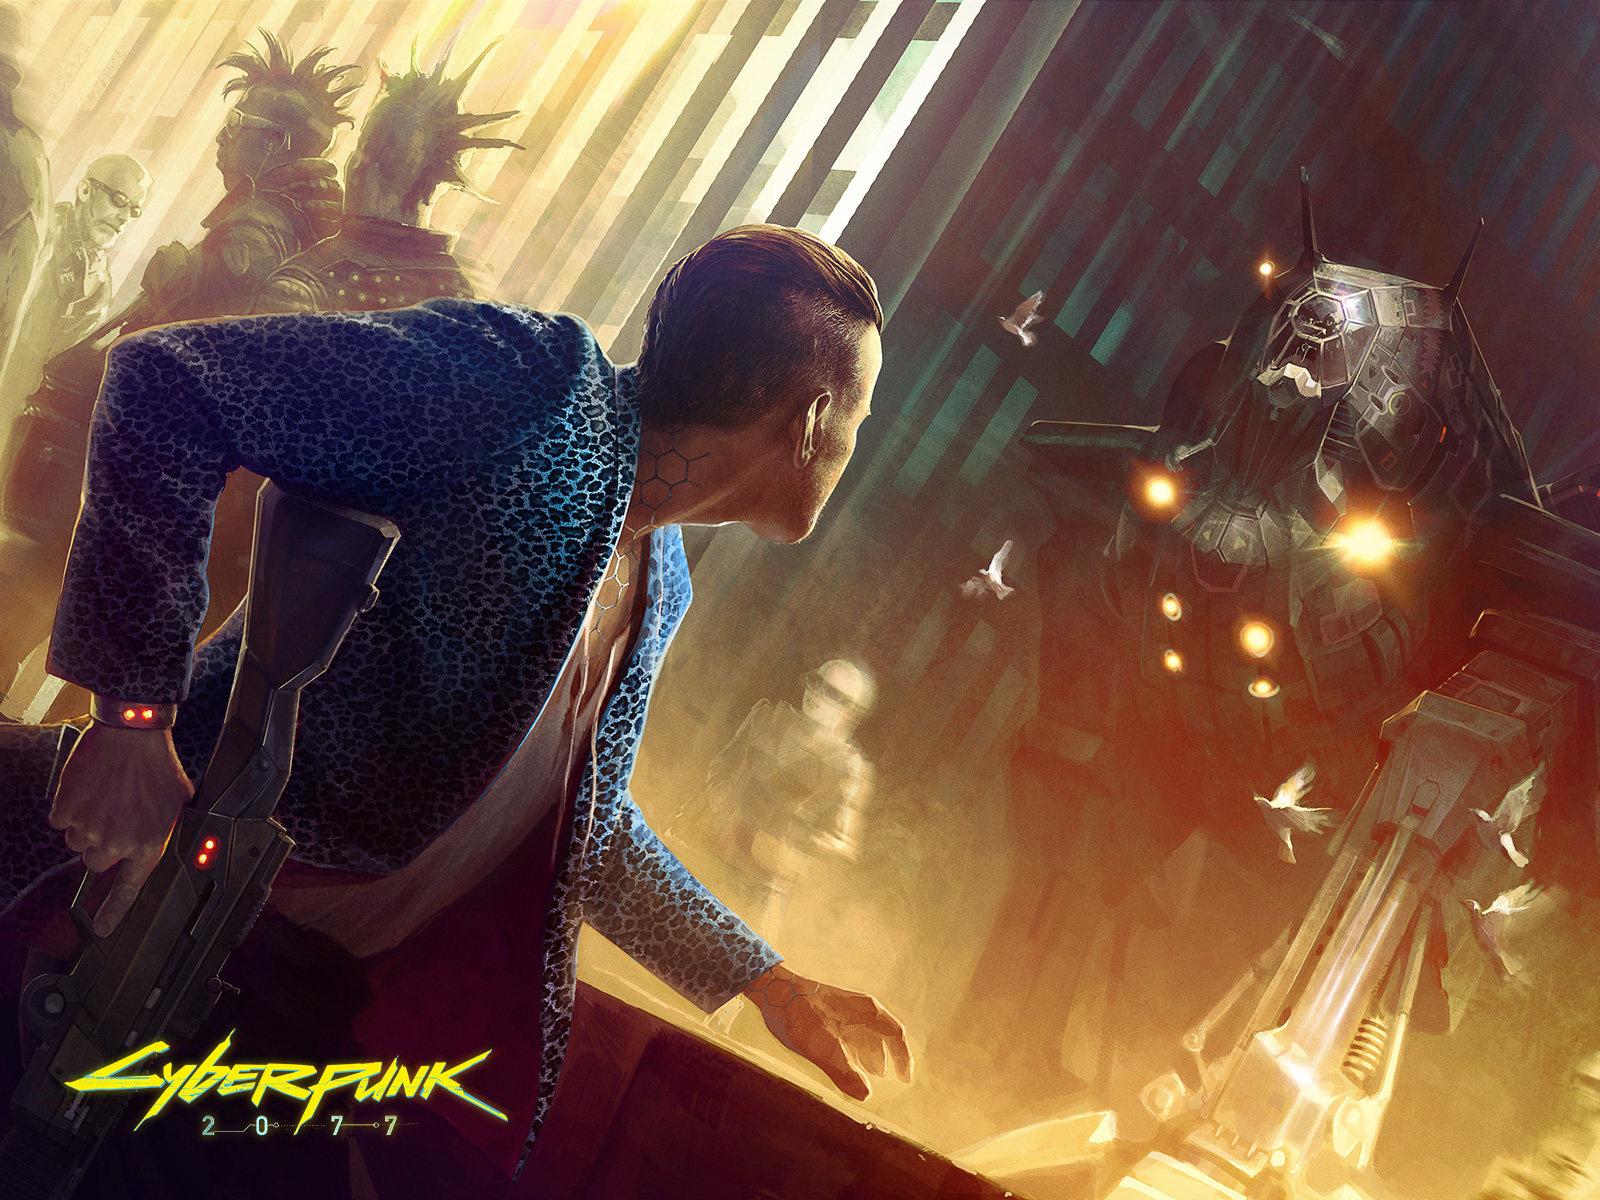 Cyberpunk 2077: El primer juego de rol para PS4 y Xbox 720